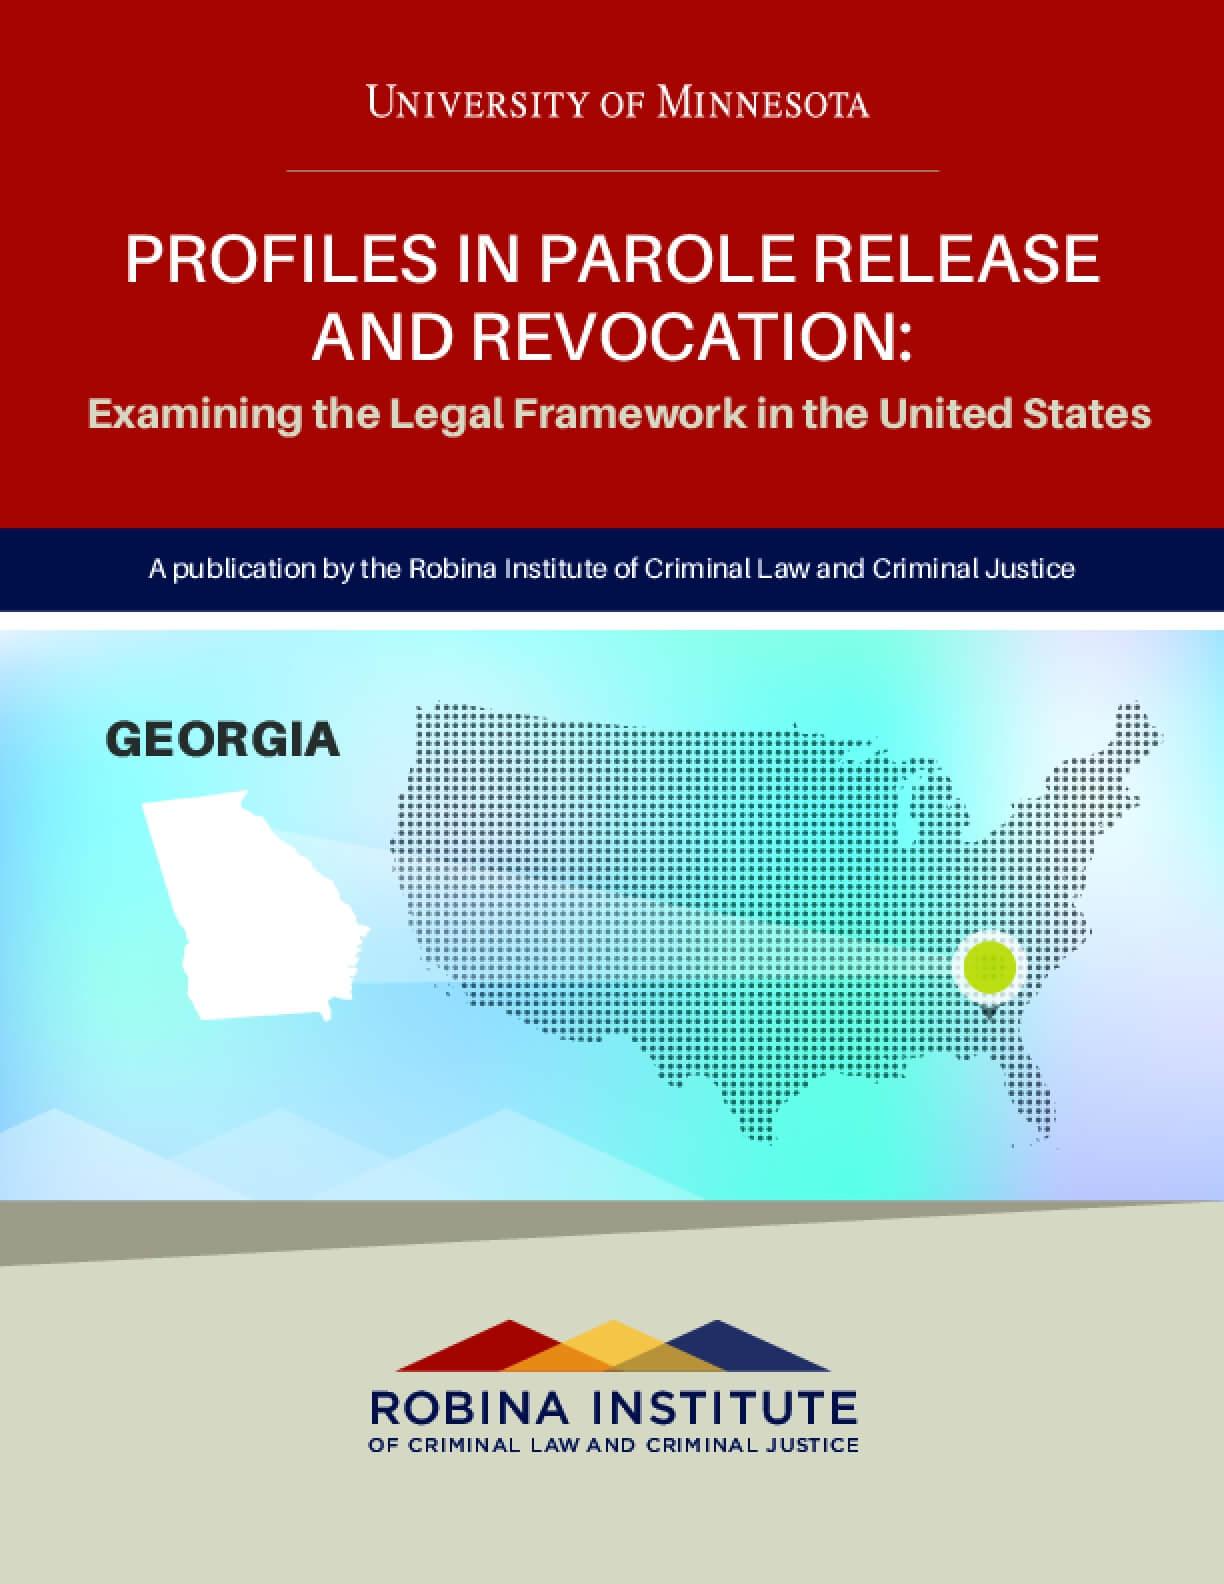 Profiles in Parole Release and Revocation Georgia